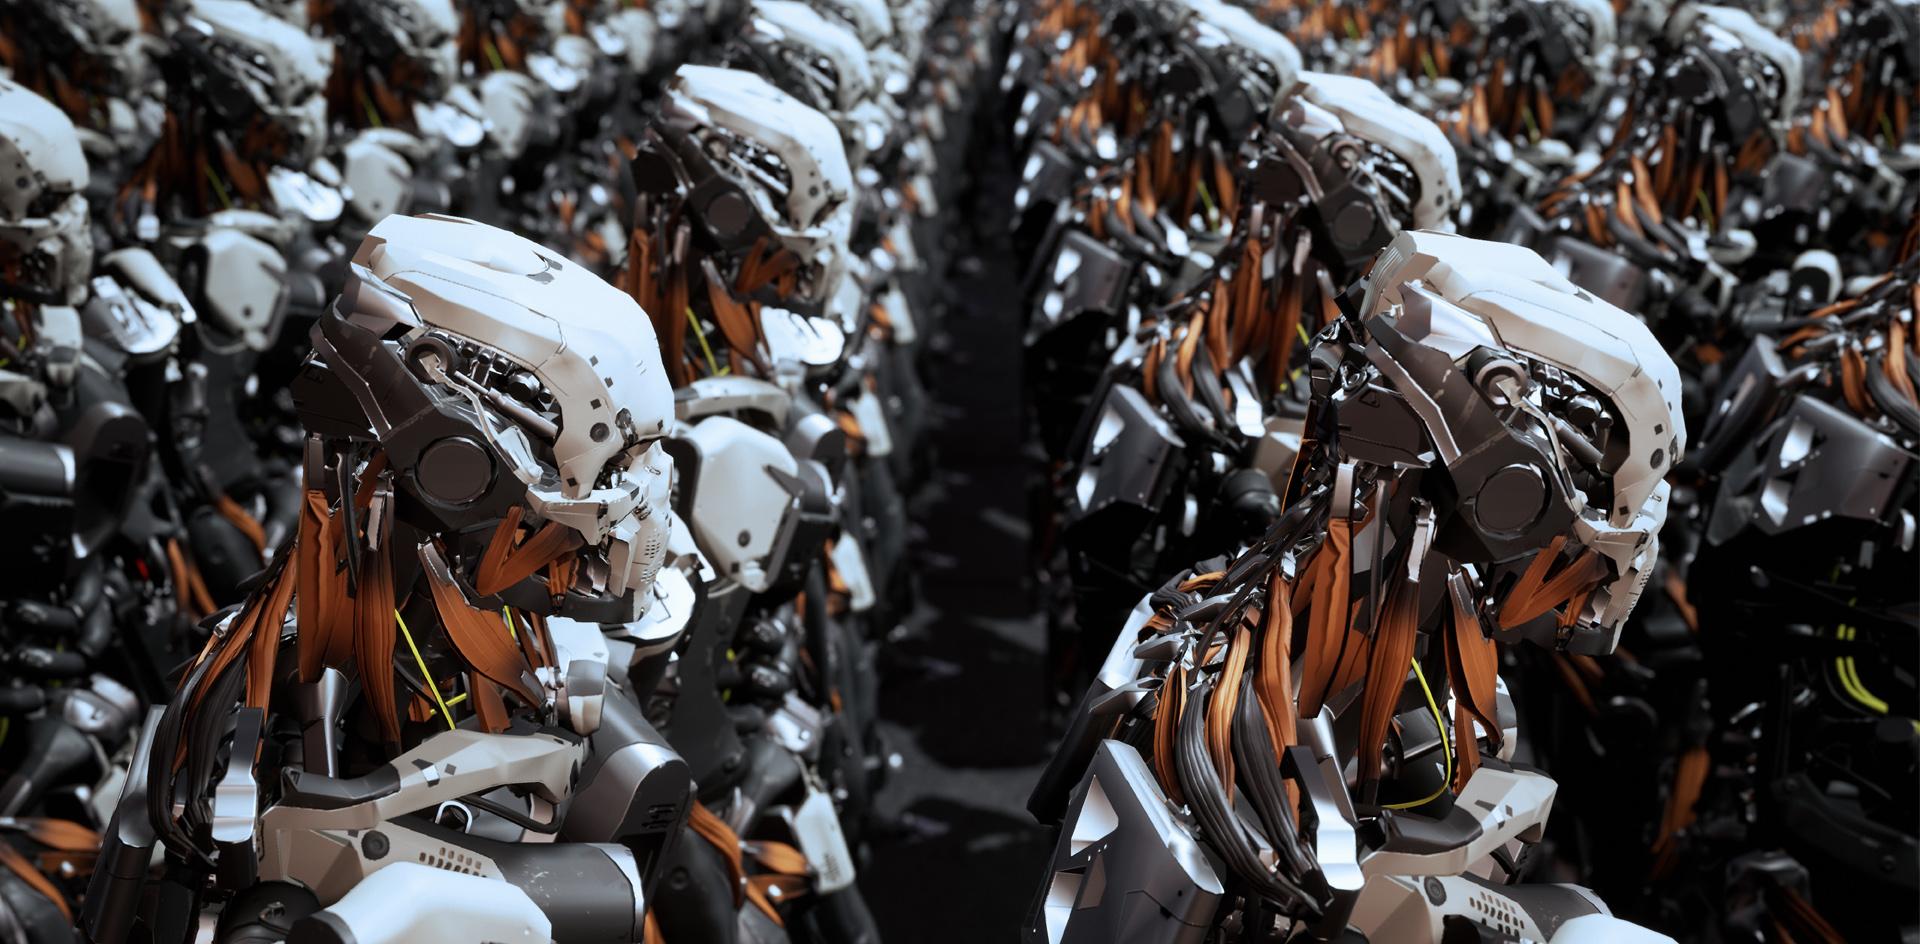 Армейские роботы не готовы кпризыву